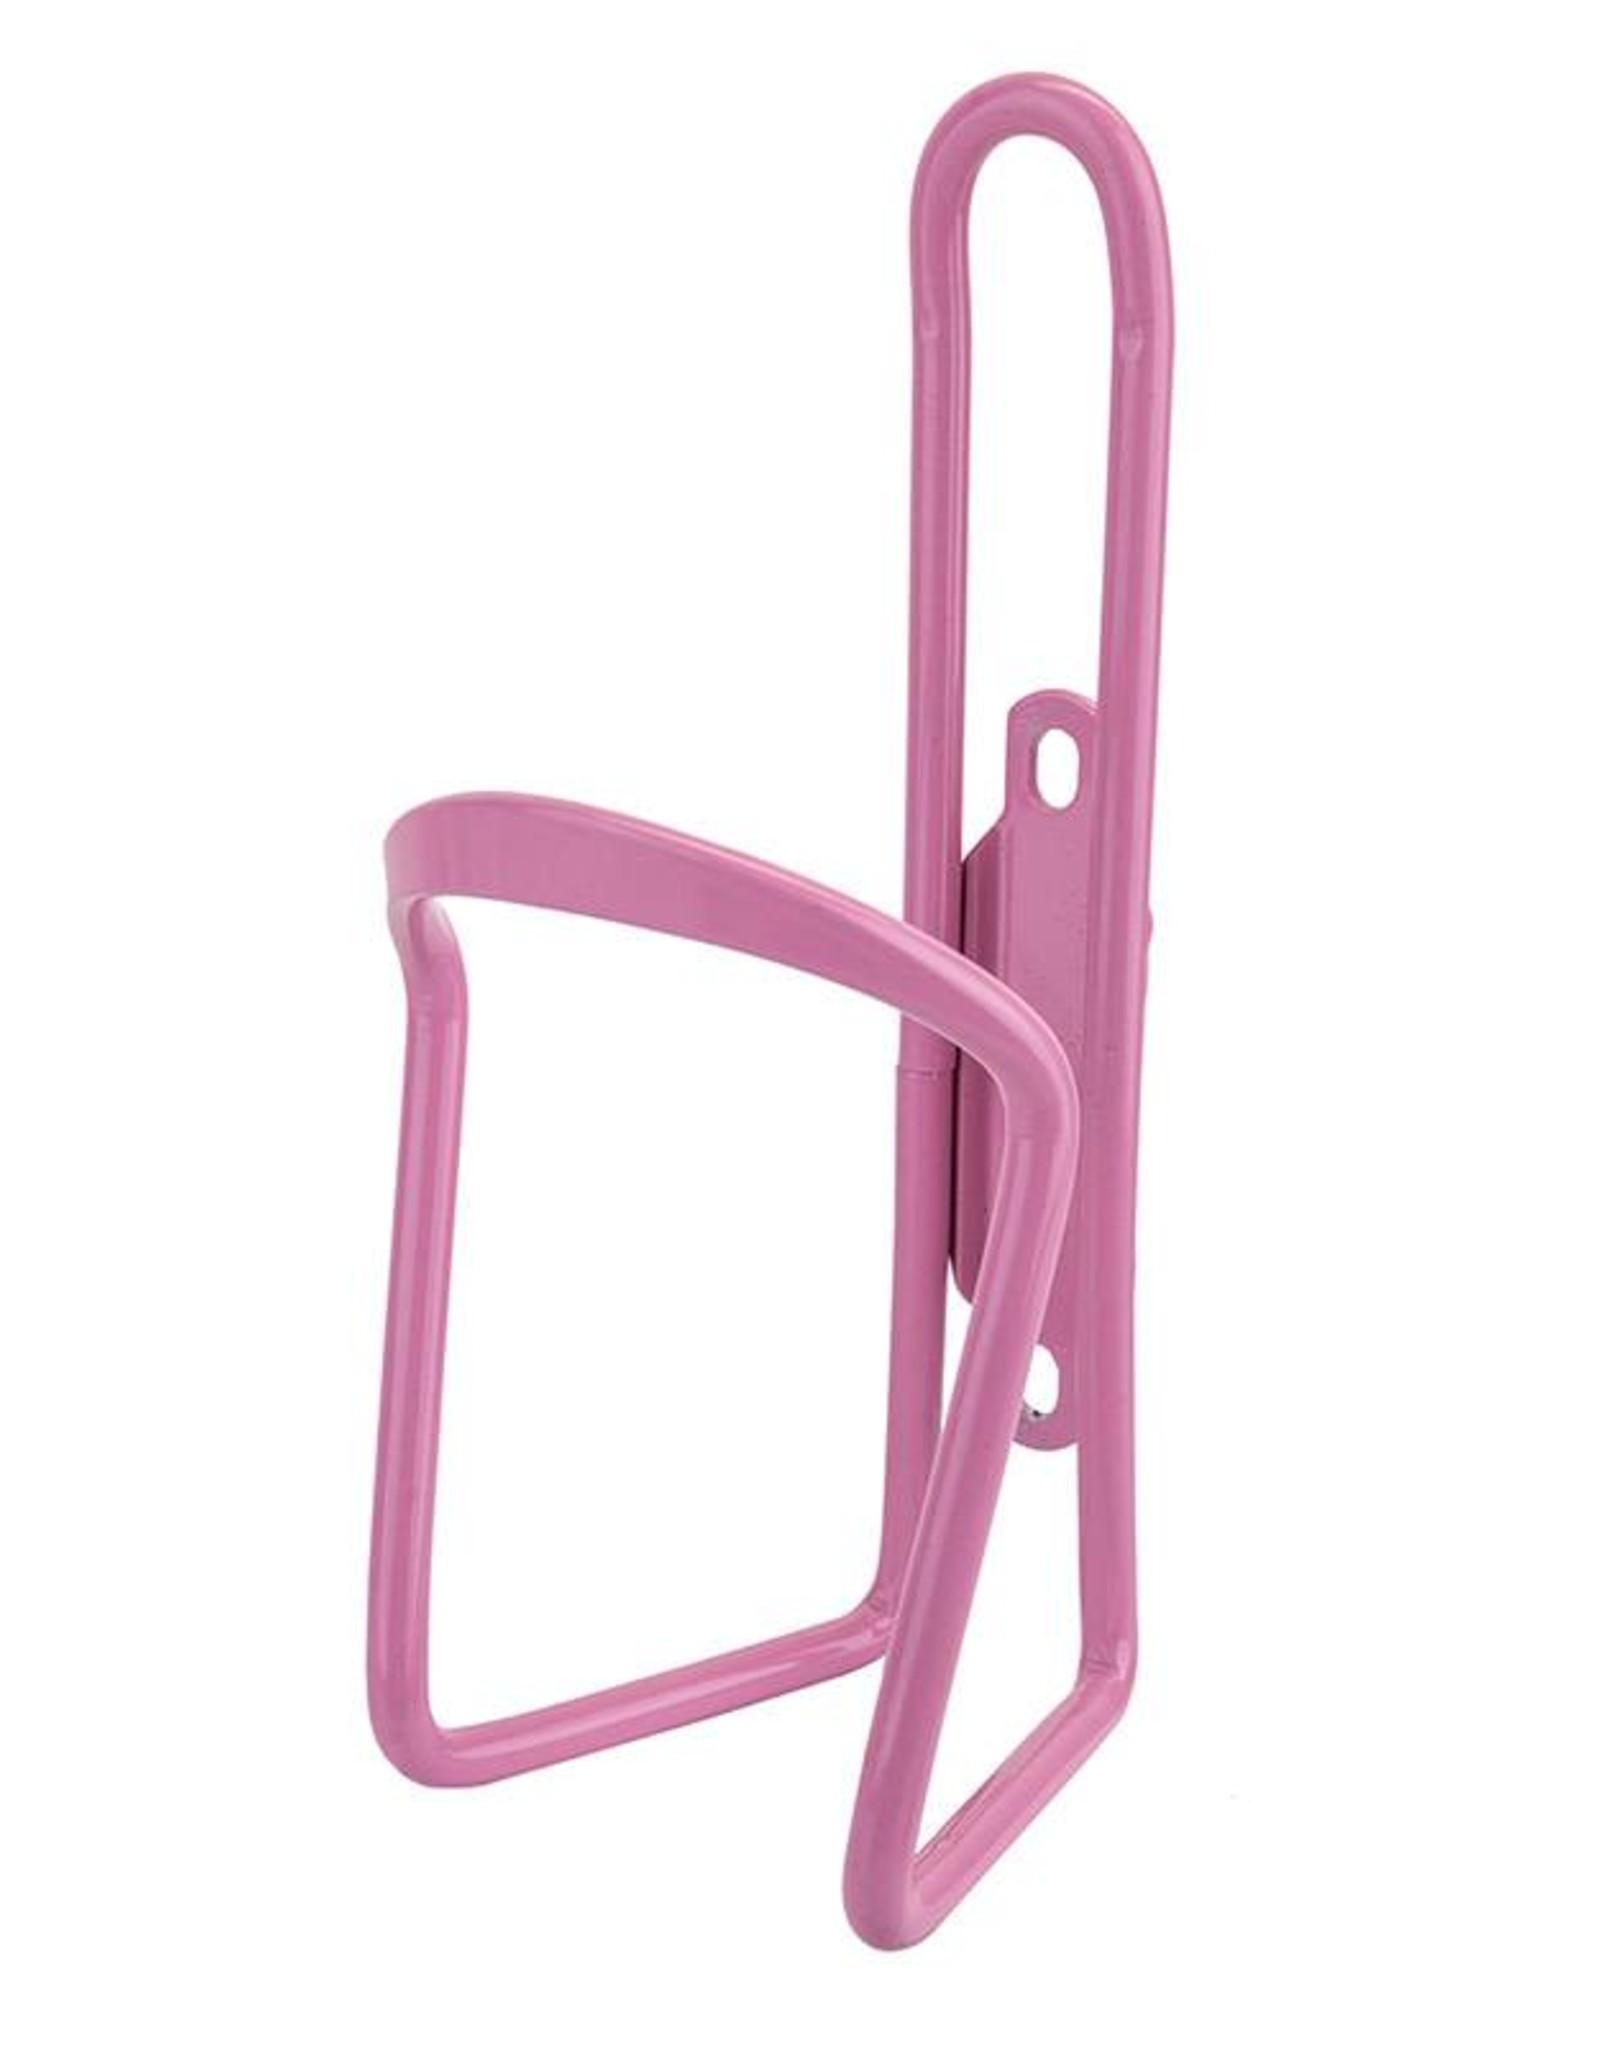 Sunlite Sunlite Bottle Cage Pink